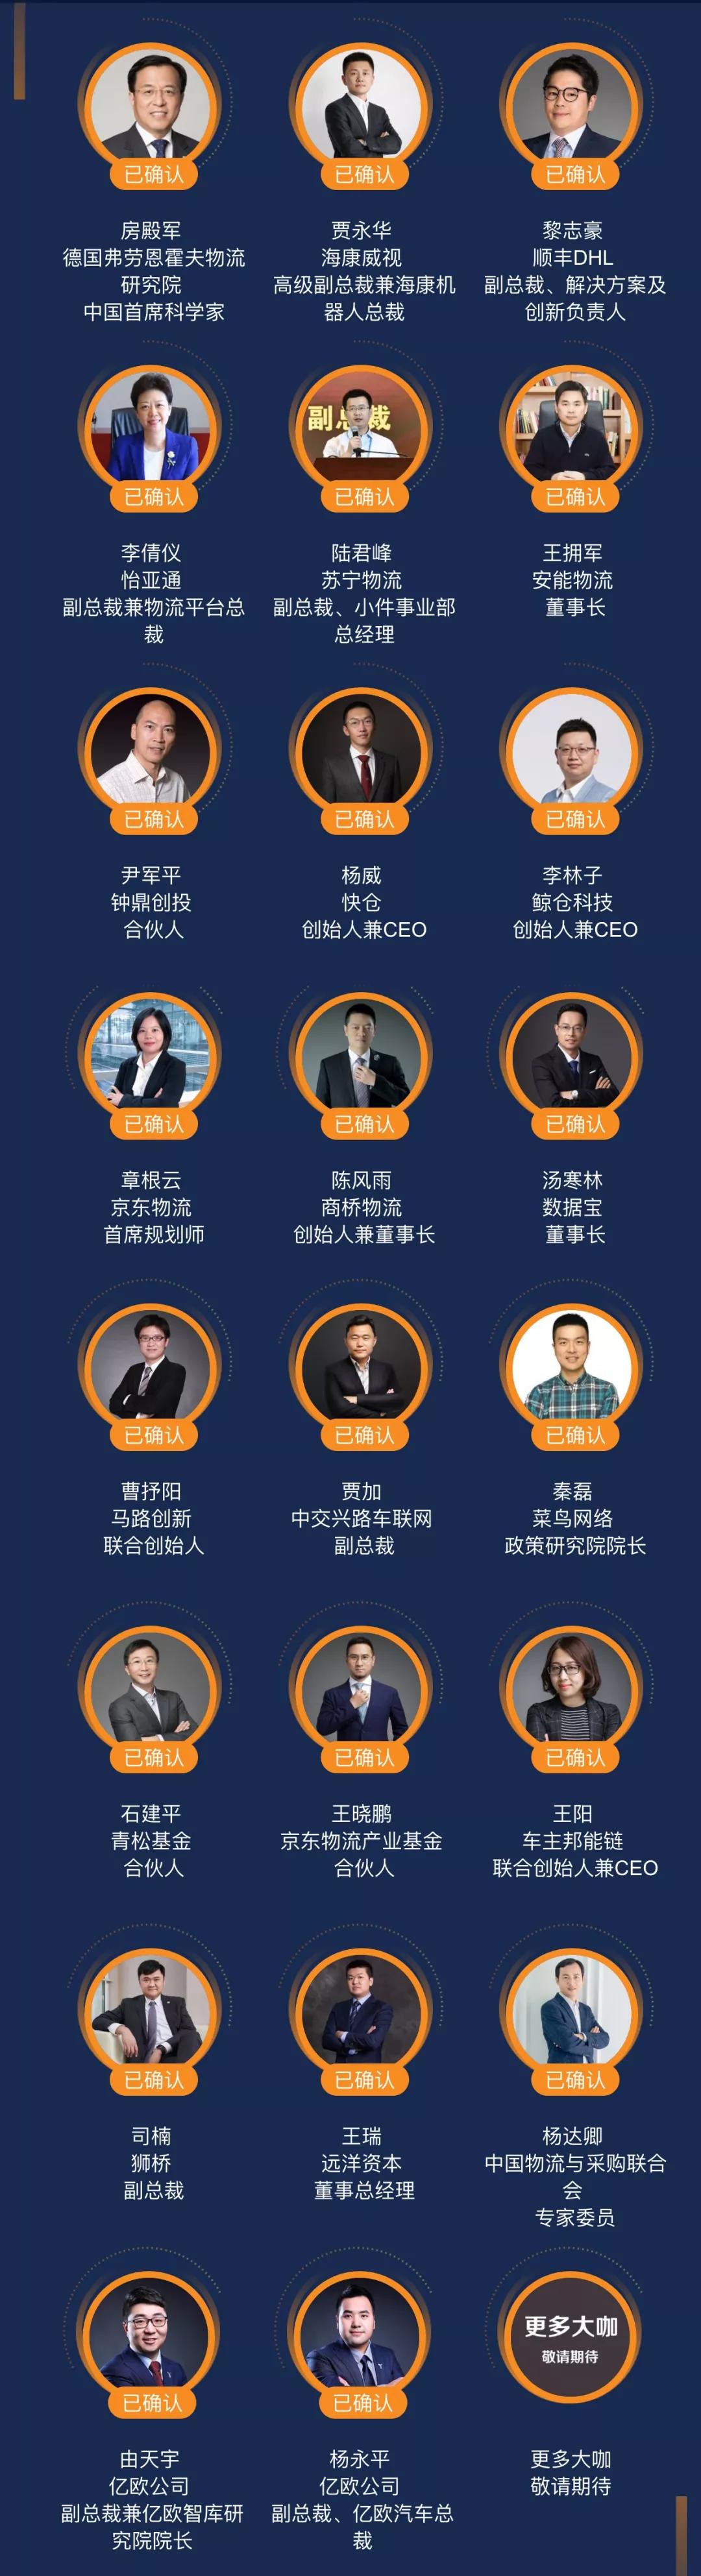 科技赋能 智创未来 GIIS 2019第四届物流产业创新峰会(北京)